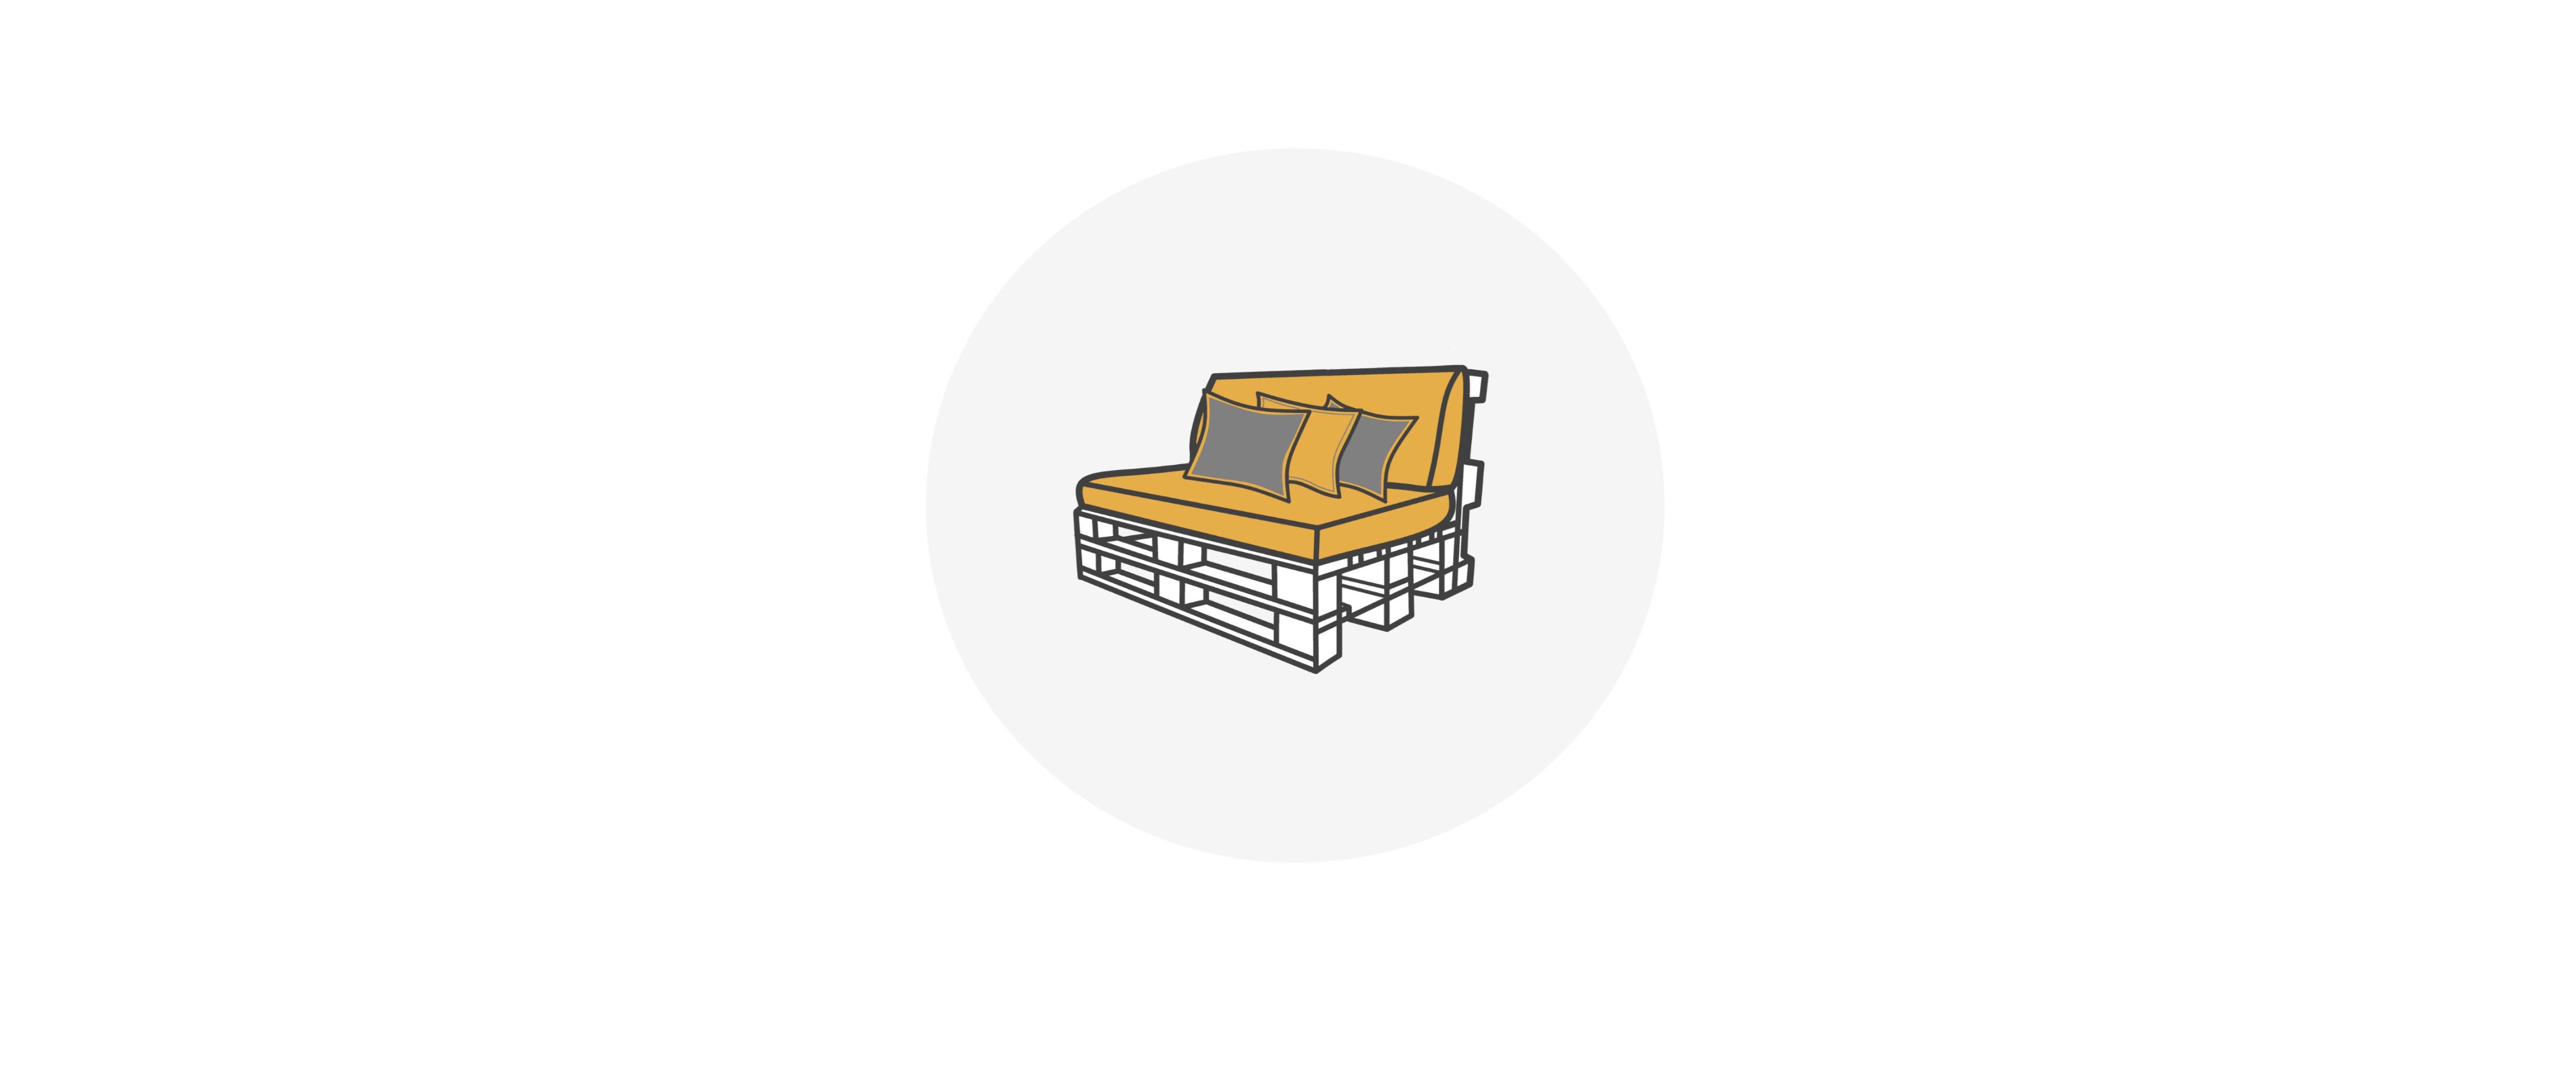 Palettenmöbel mieten bei SUPERSACK - Das Besondere mieten